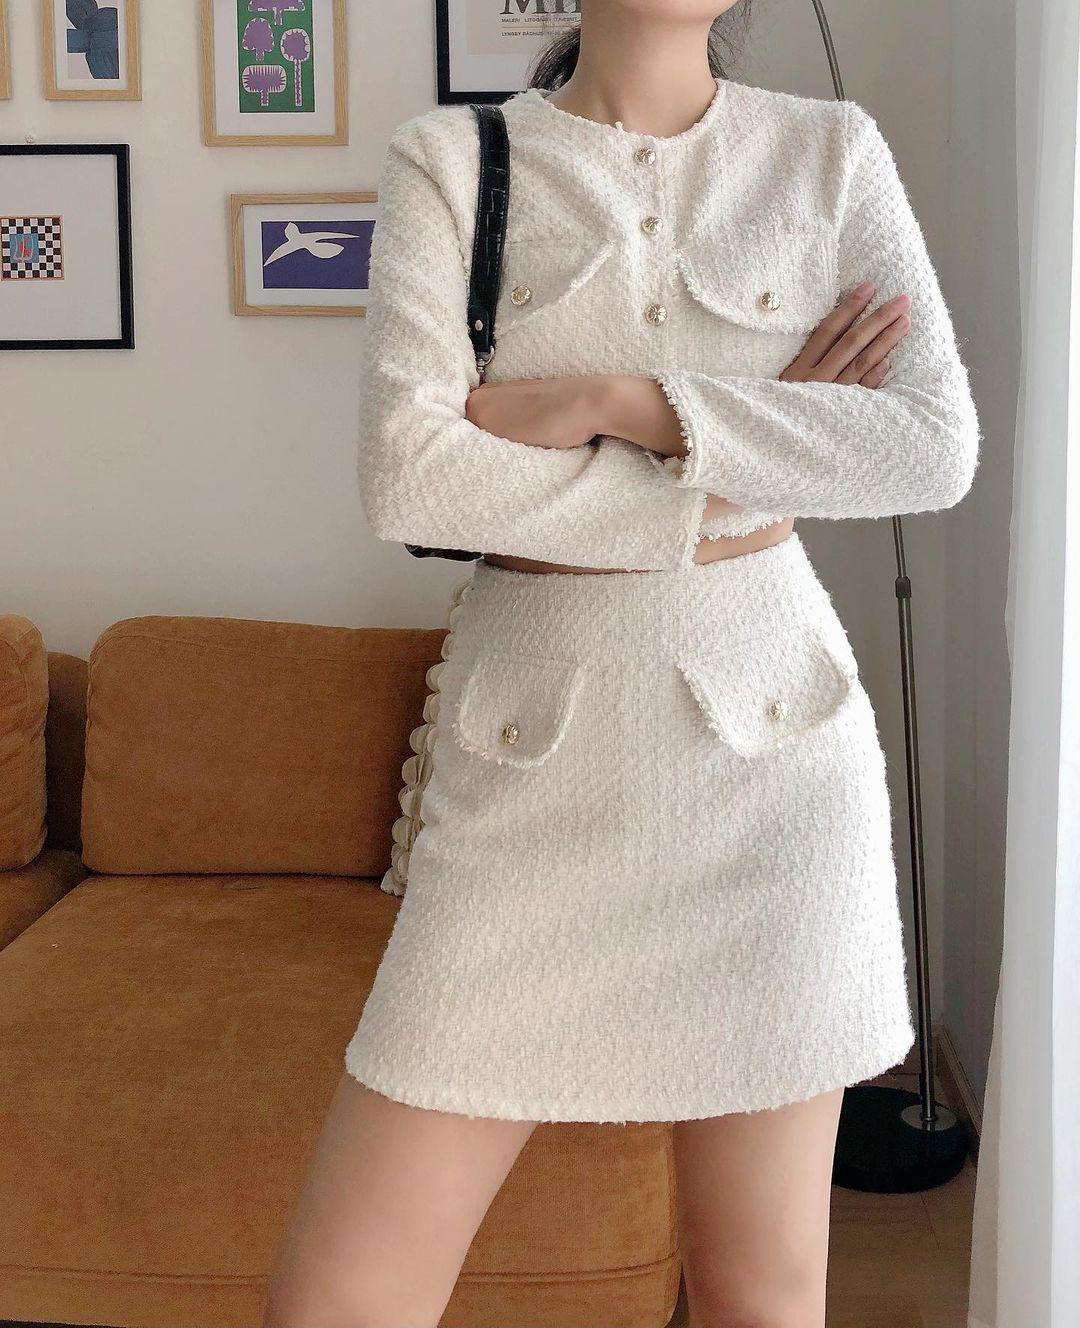 Set váy áo vải tweed đang hot rần rần tại các shop, sắm một bộ chơi Tết đi chị em - Ảnh 2.